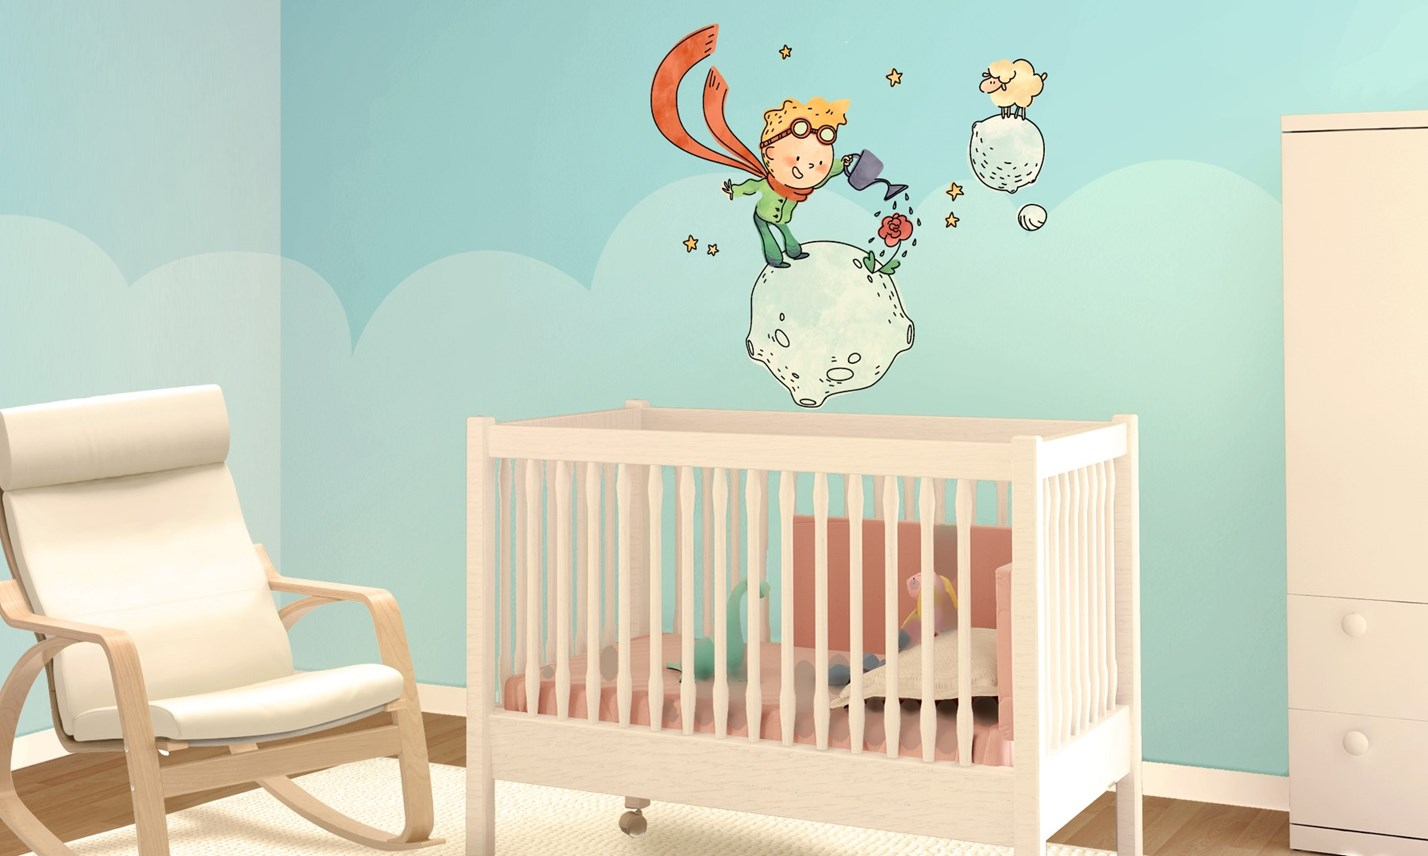 Excellent decora le pareti della stanza del tuo bambino - Decorare cameretta neonato ...